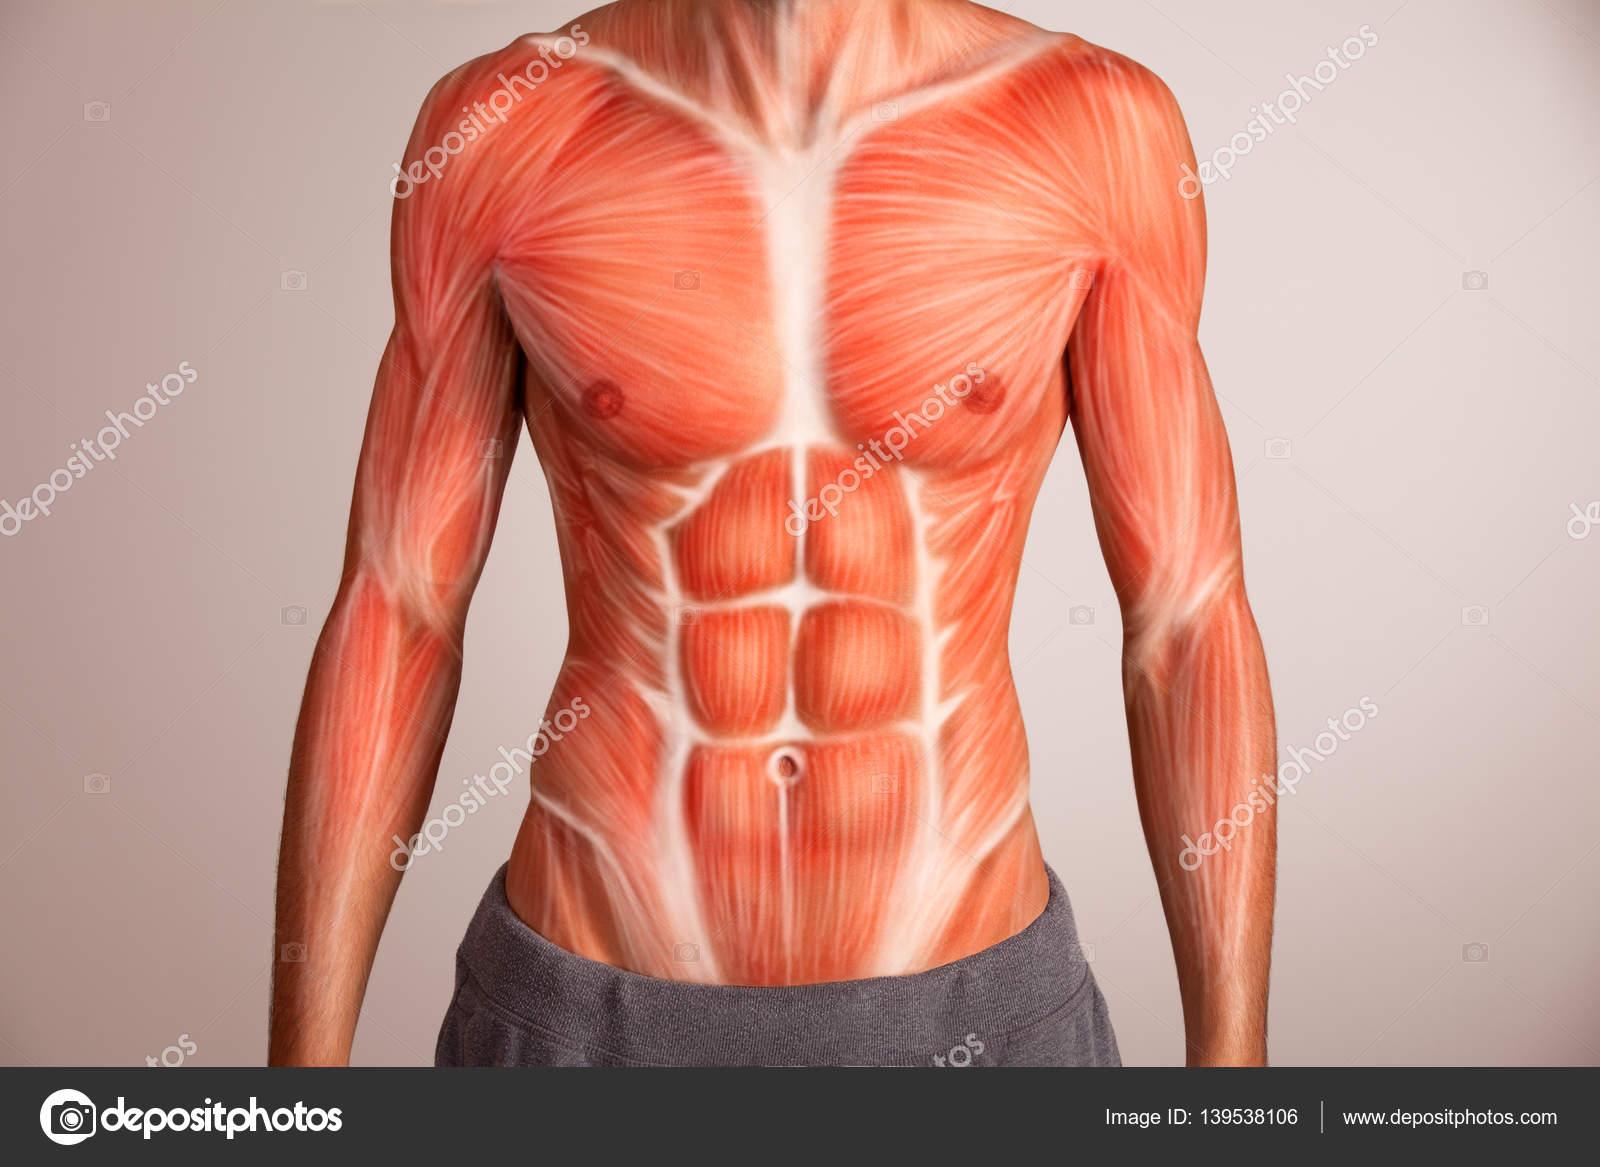 Mann-Oberkörper-Muskulatur — Stockfoto © artstudio_pro #139538106